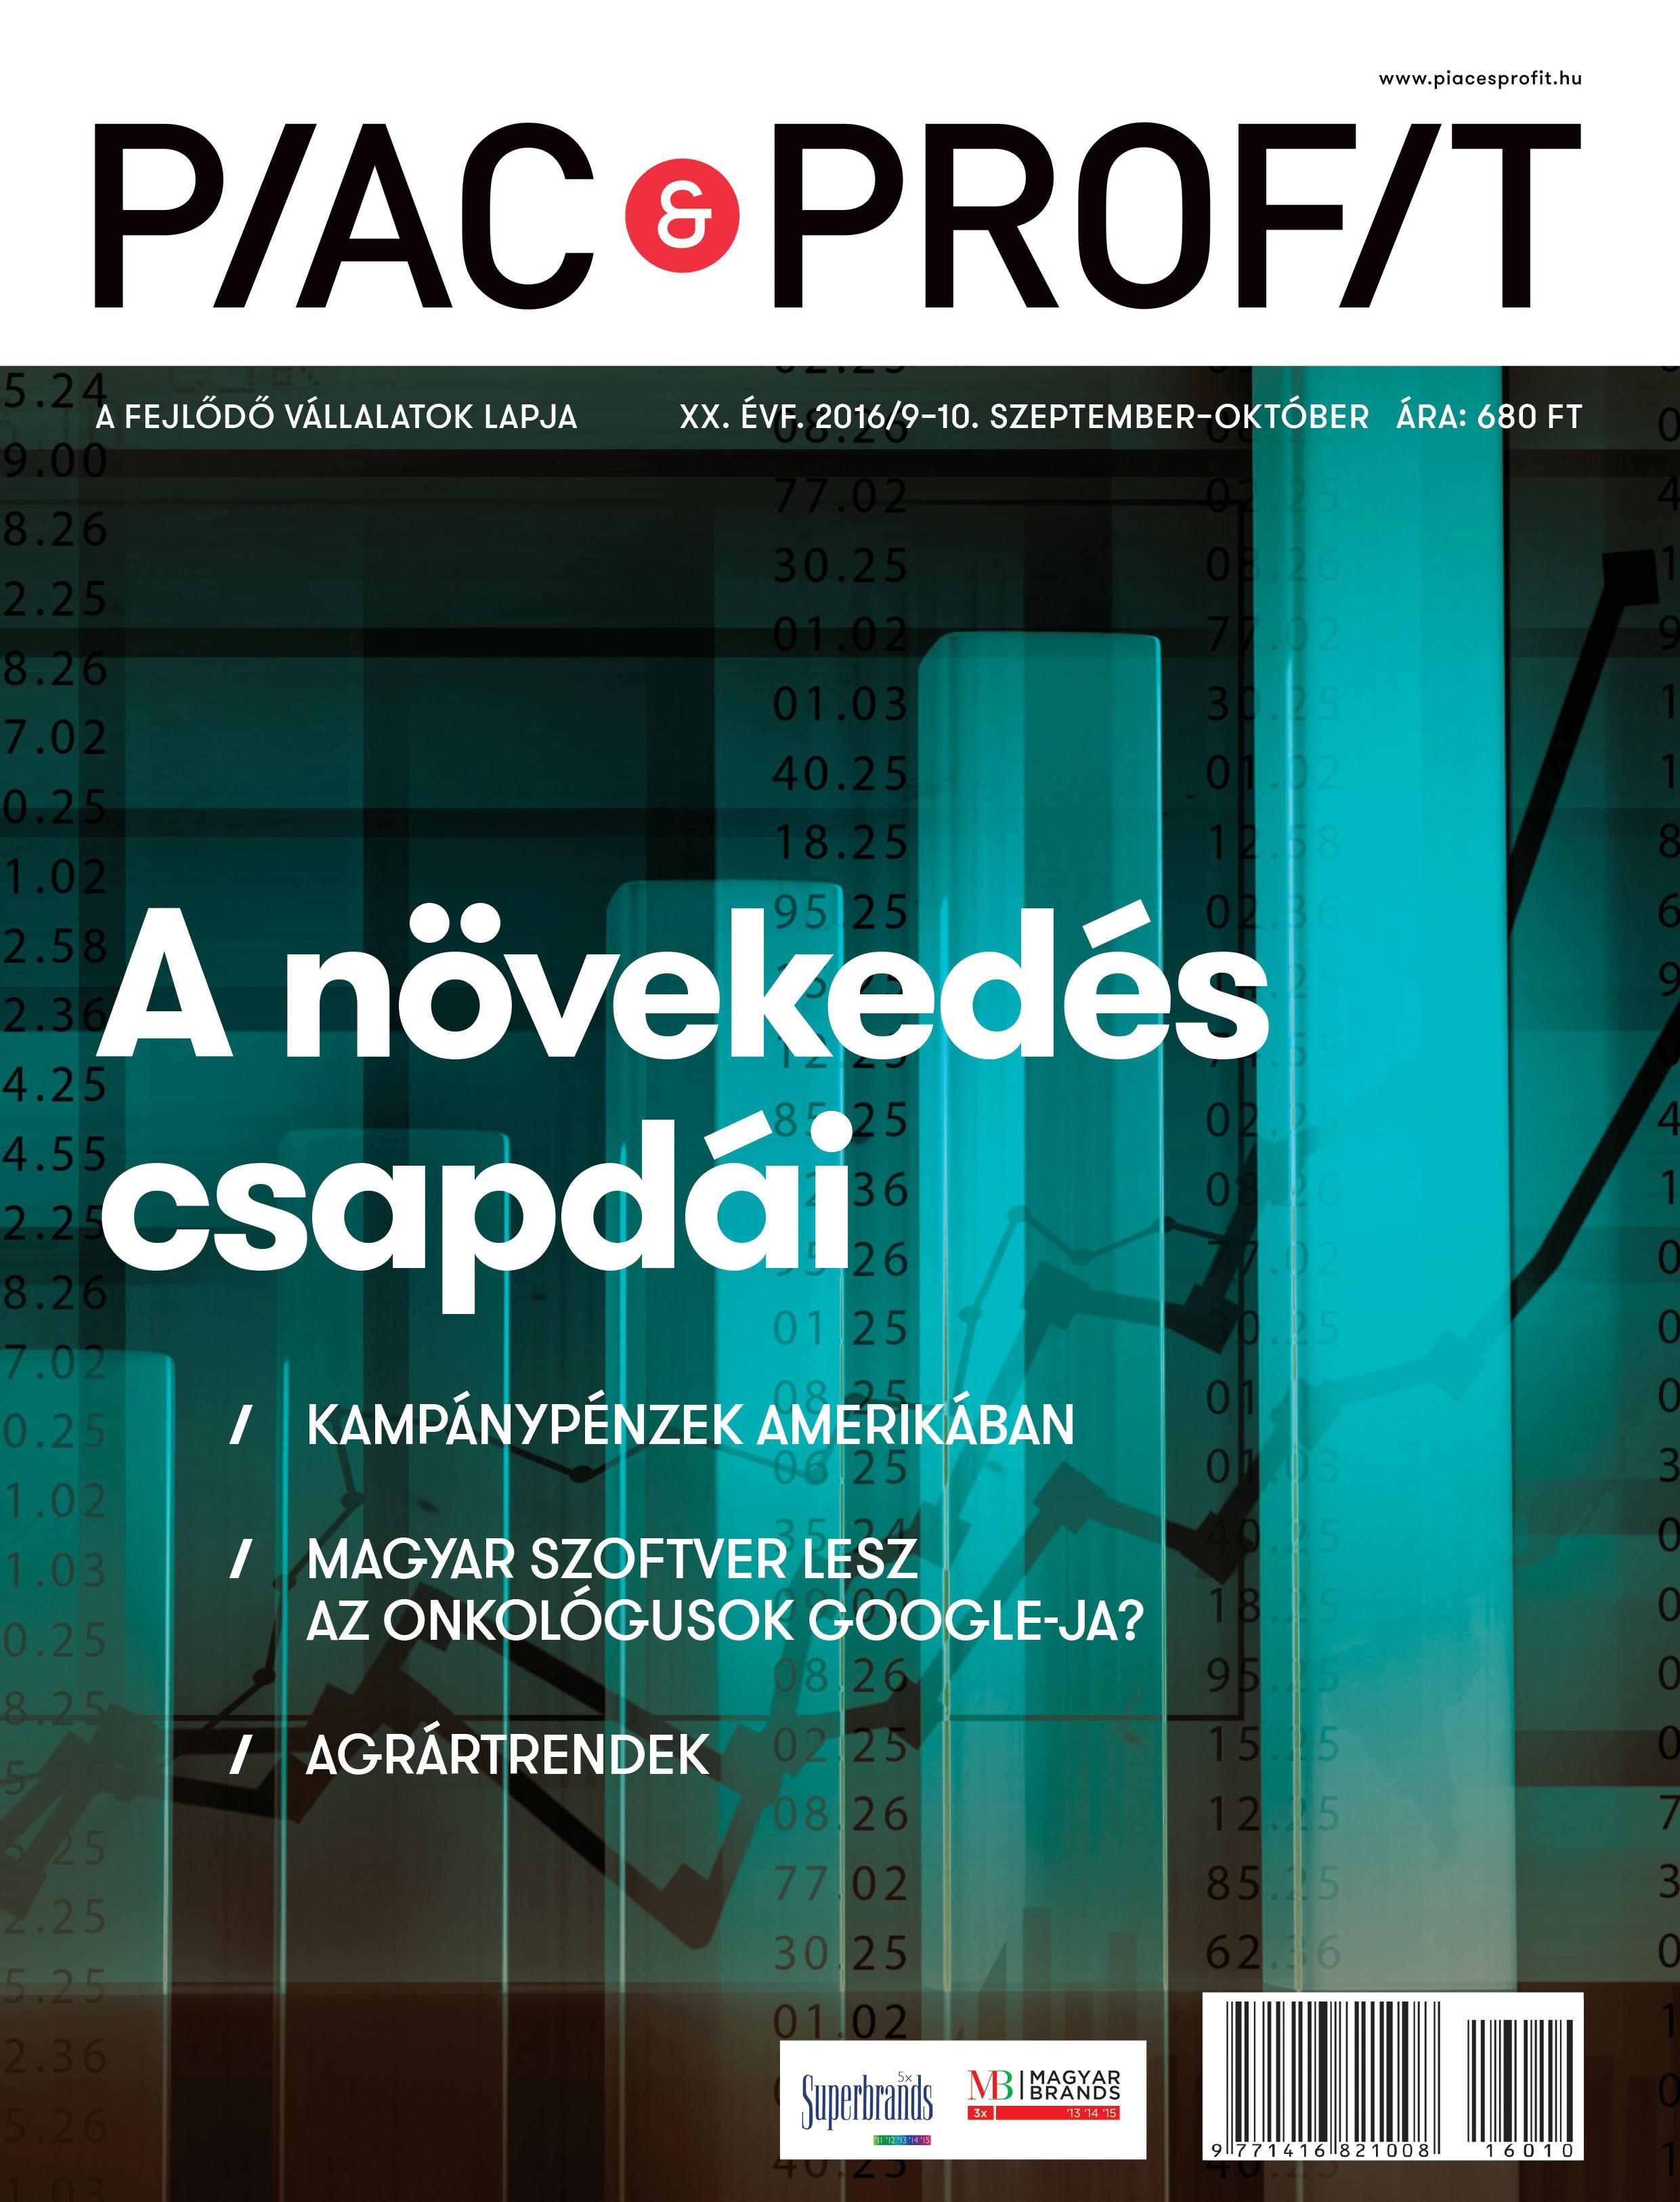 PP borító 2016/9-10.